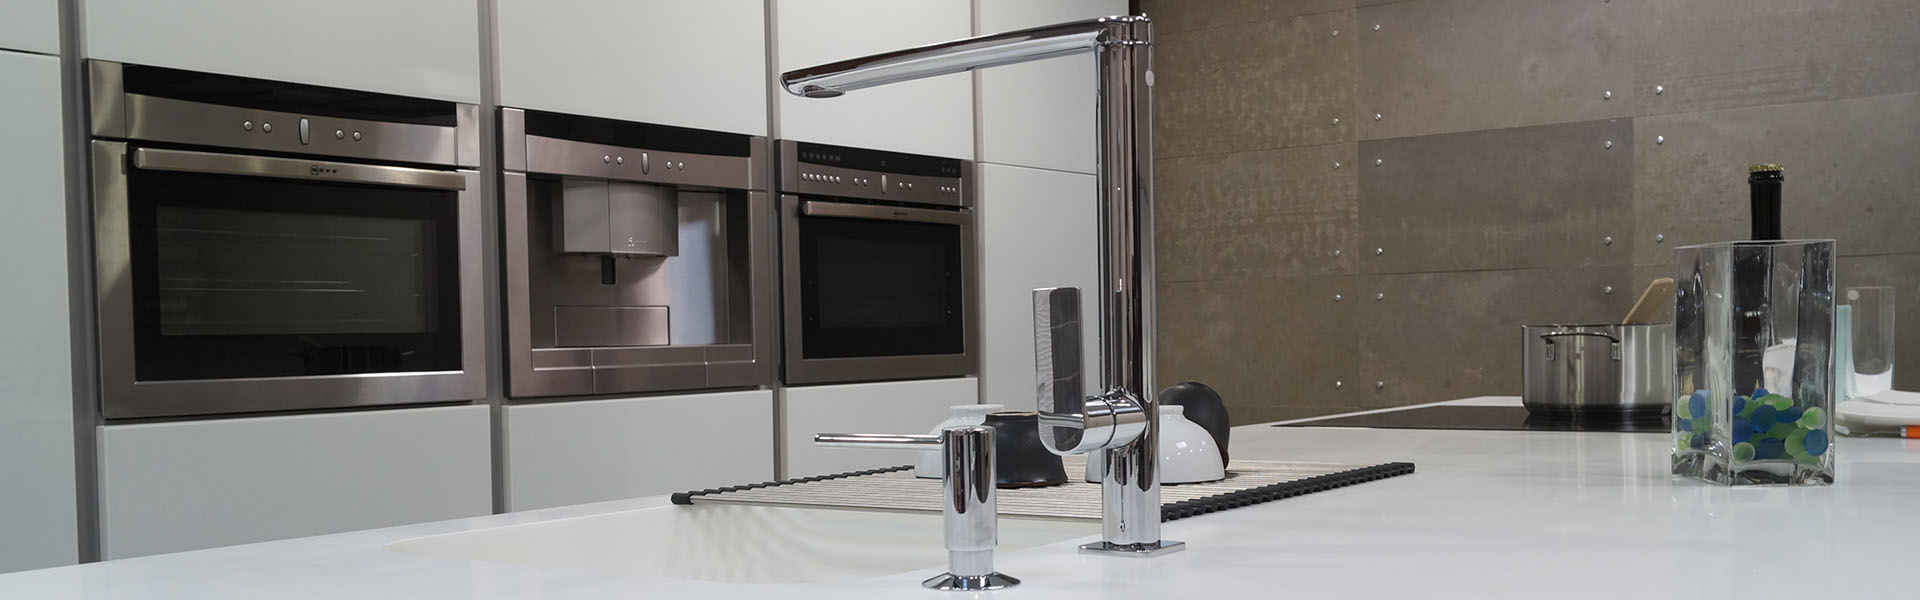 Cocina moderna diseño encimera solid surface superficie solida corian brillo blanca Trecoam